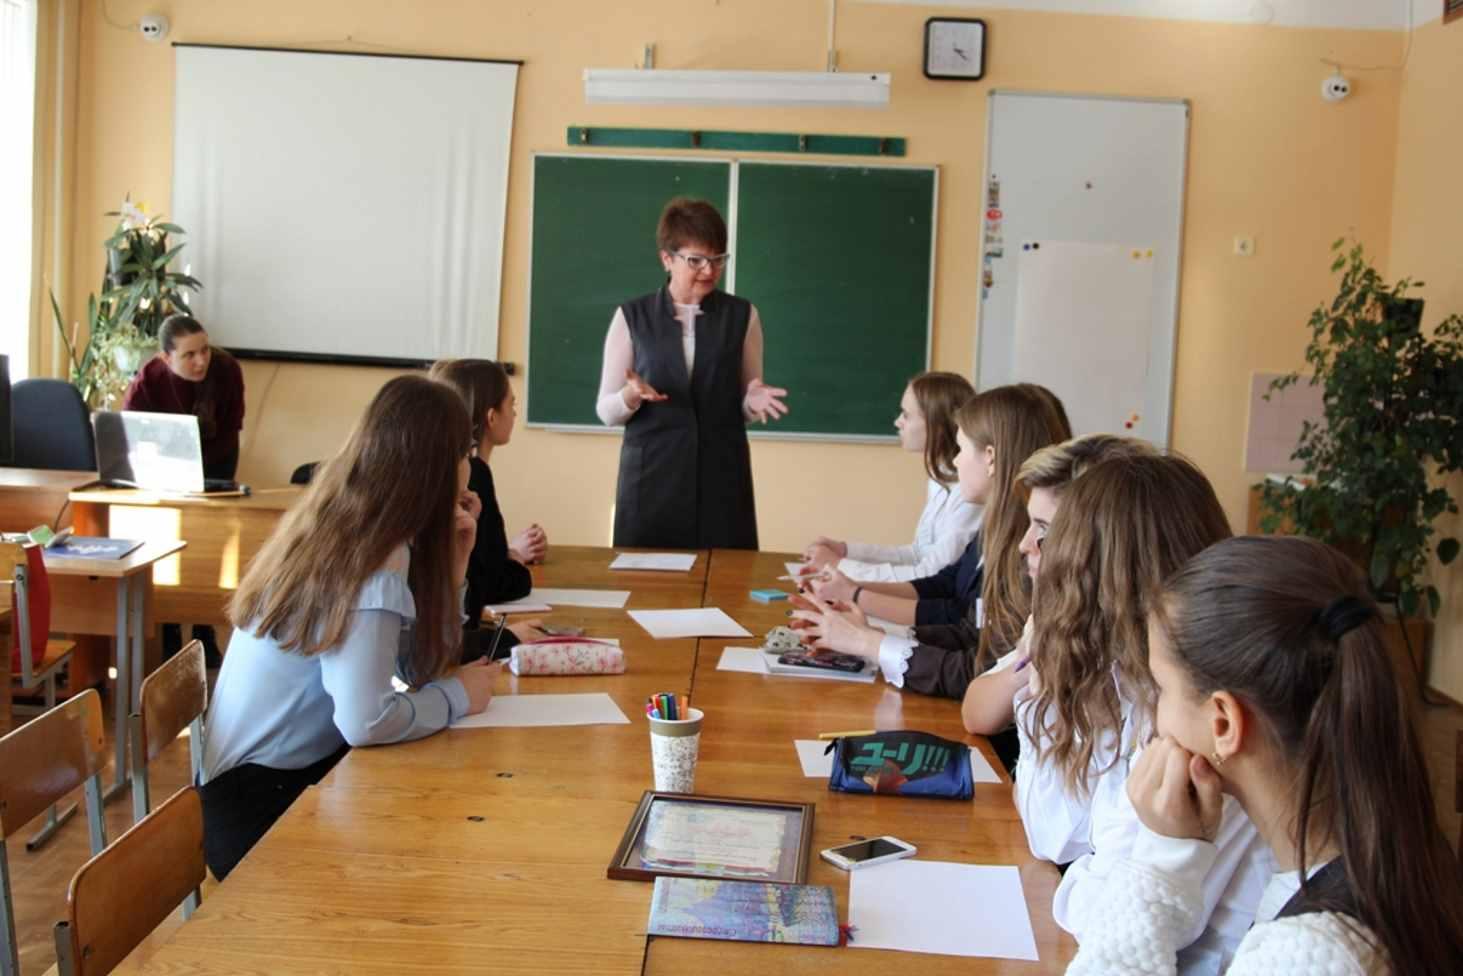 v-belgorodskoj-oblasti-poyavyatsya-dobrozhelatelnye-shkoly